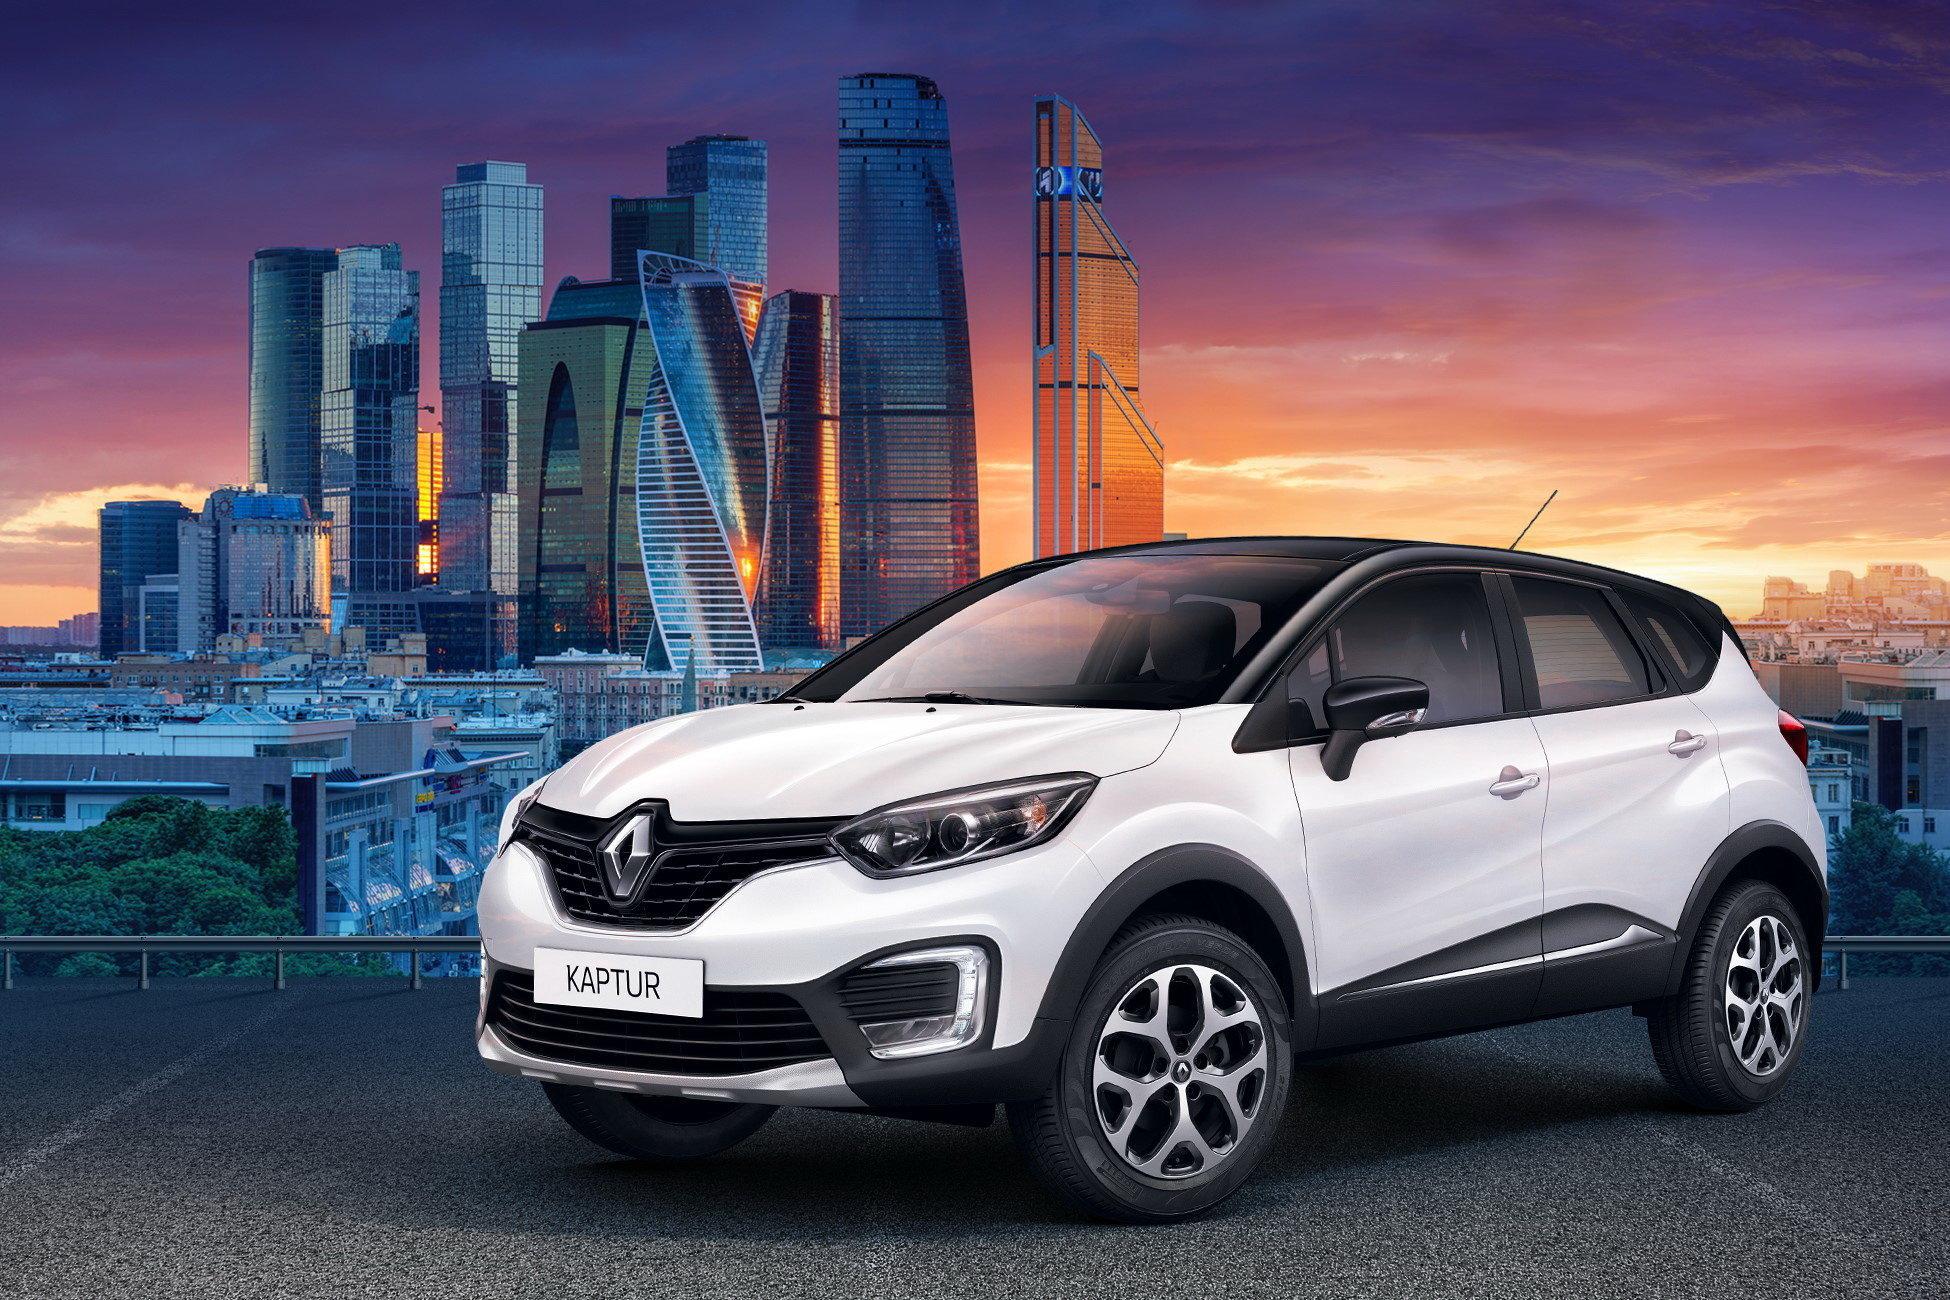 Продажи французского кроссовера Renault Kaptur стартовали в России